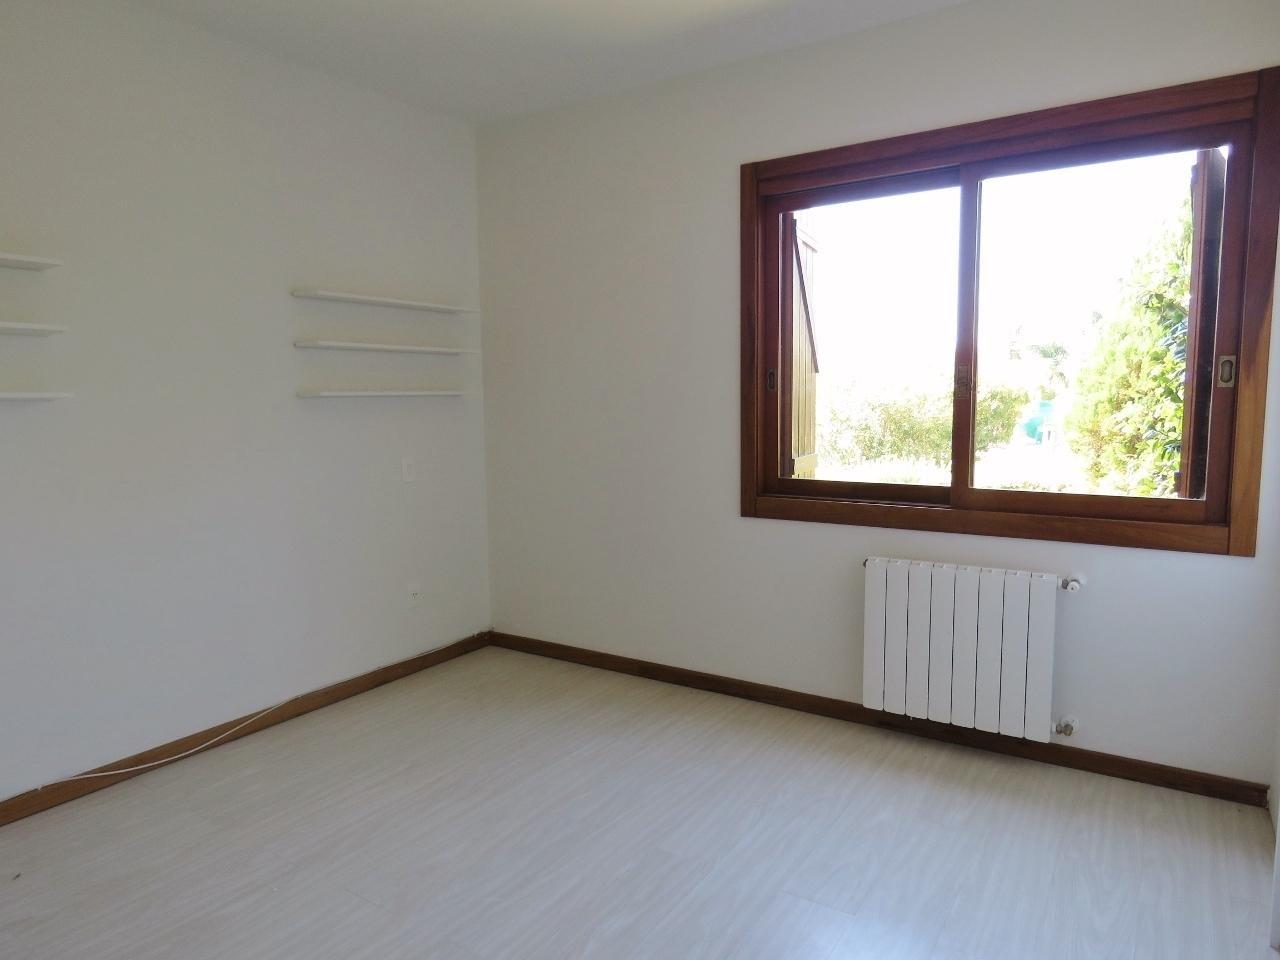 Casa em condomínio com 4 Dormitórios à venda, 540 m² por R$ 1.995.000,00